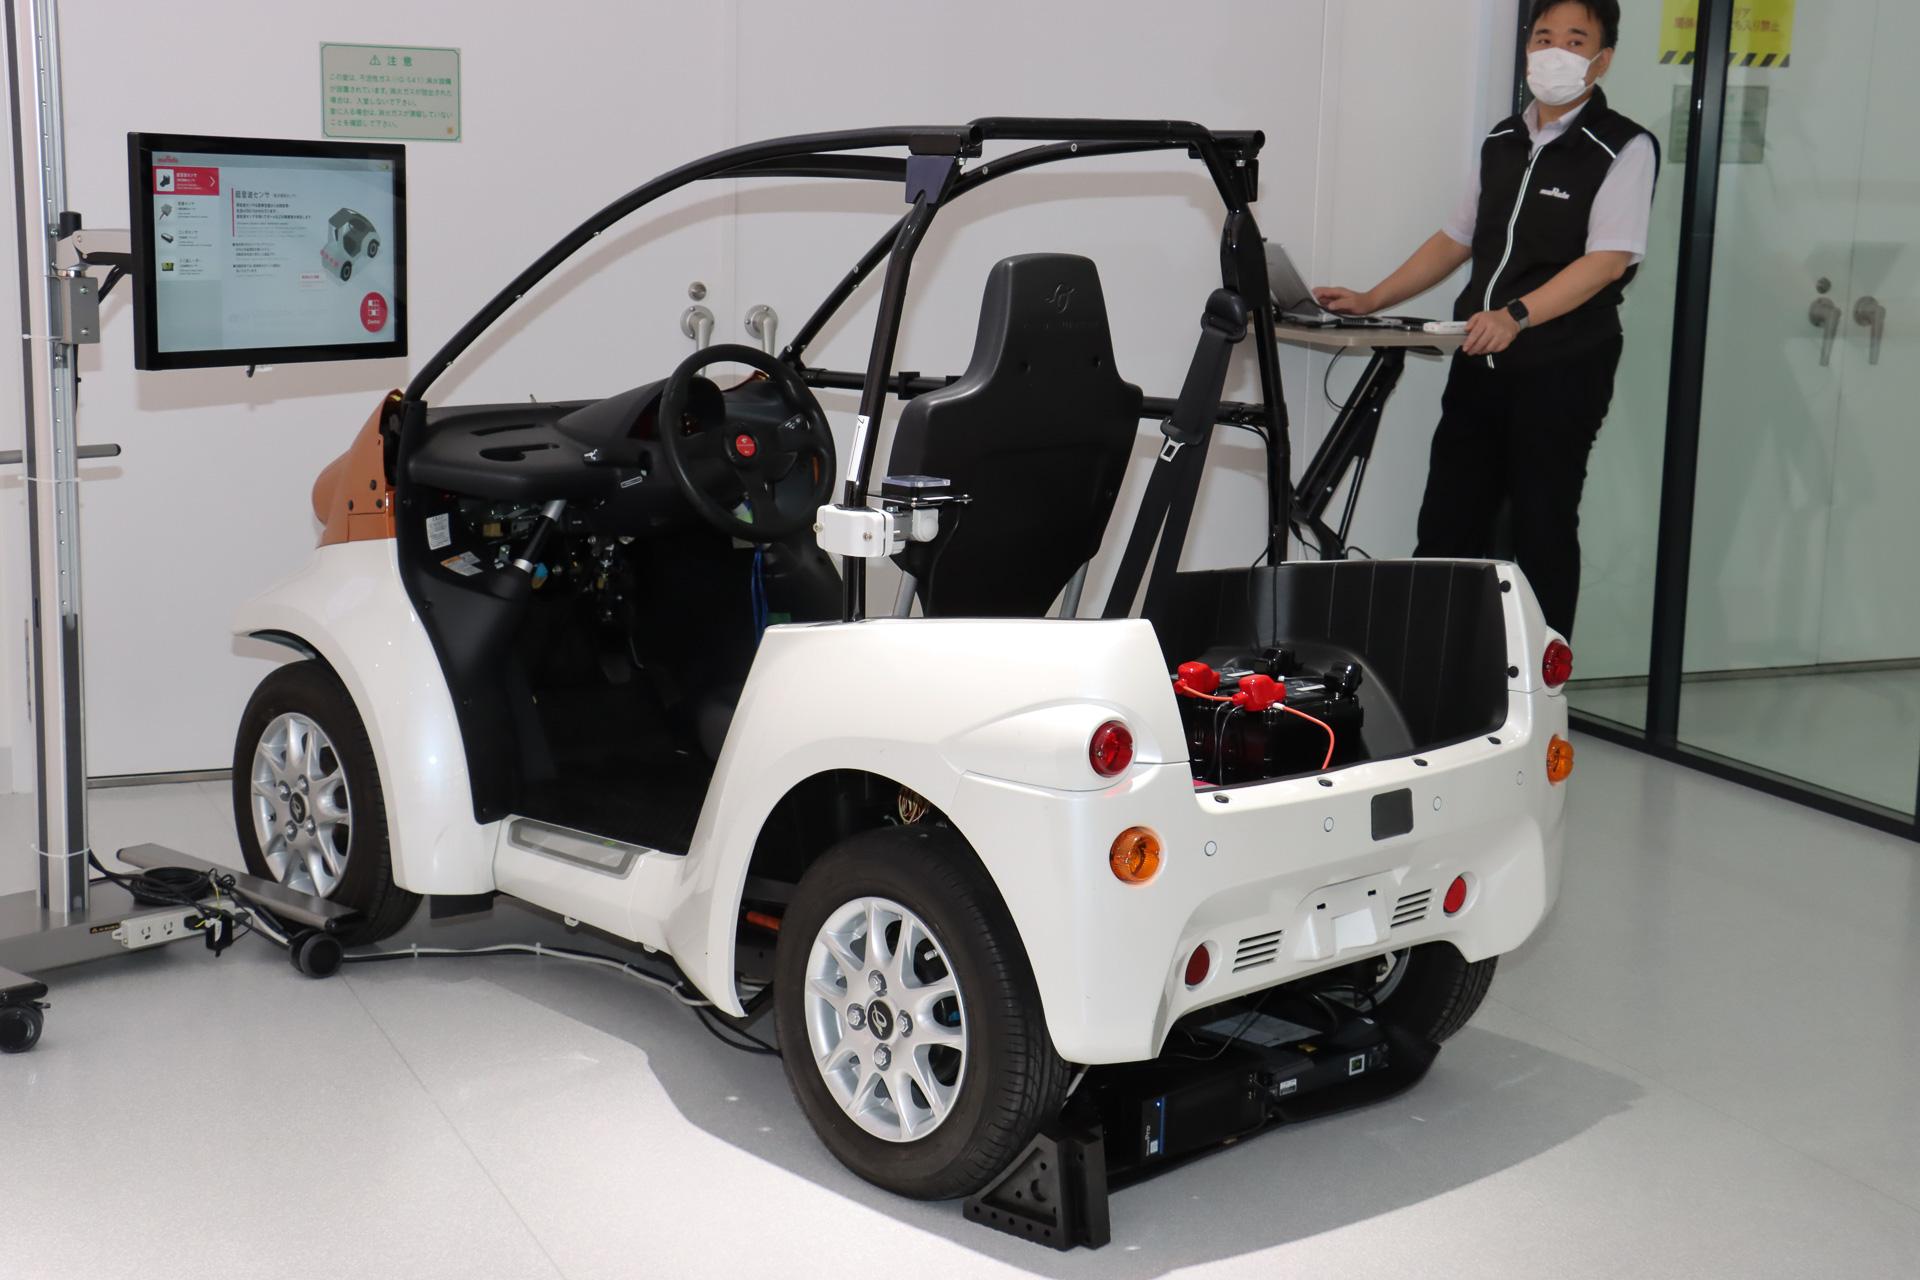 村田製作所のセンサー類が設置された超小型EVのデモ車両